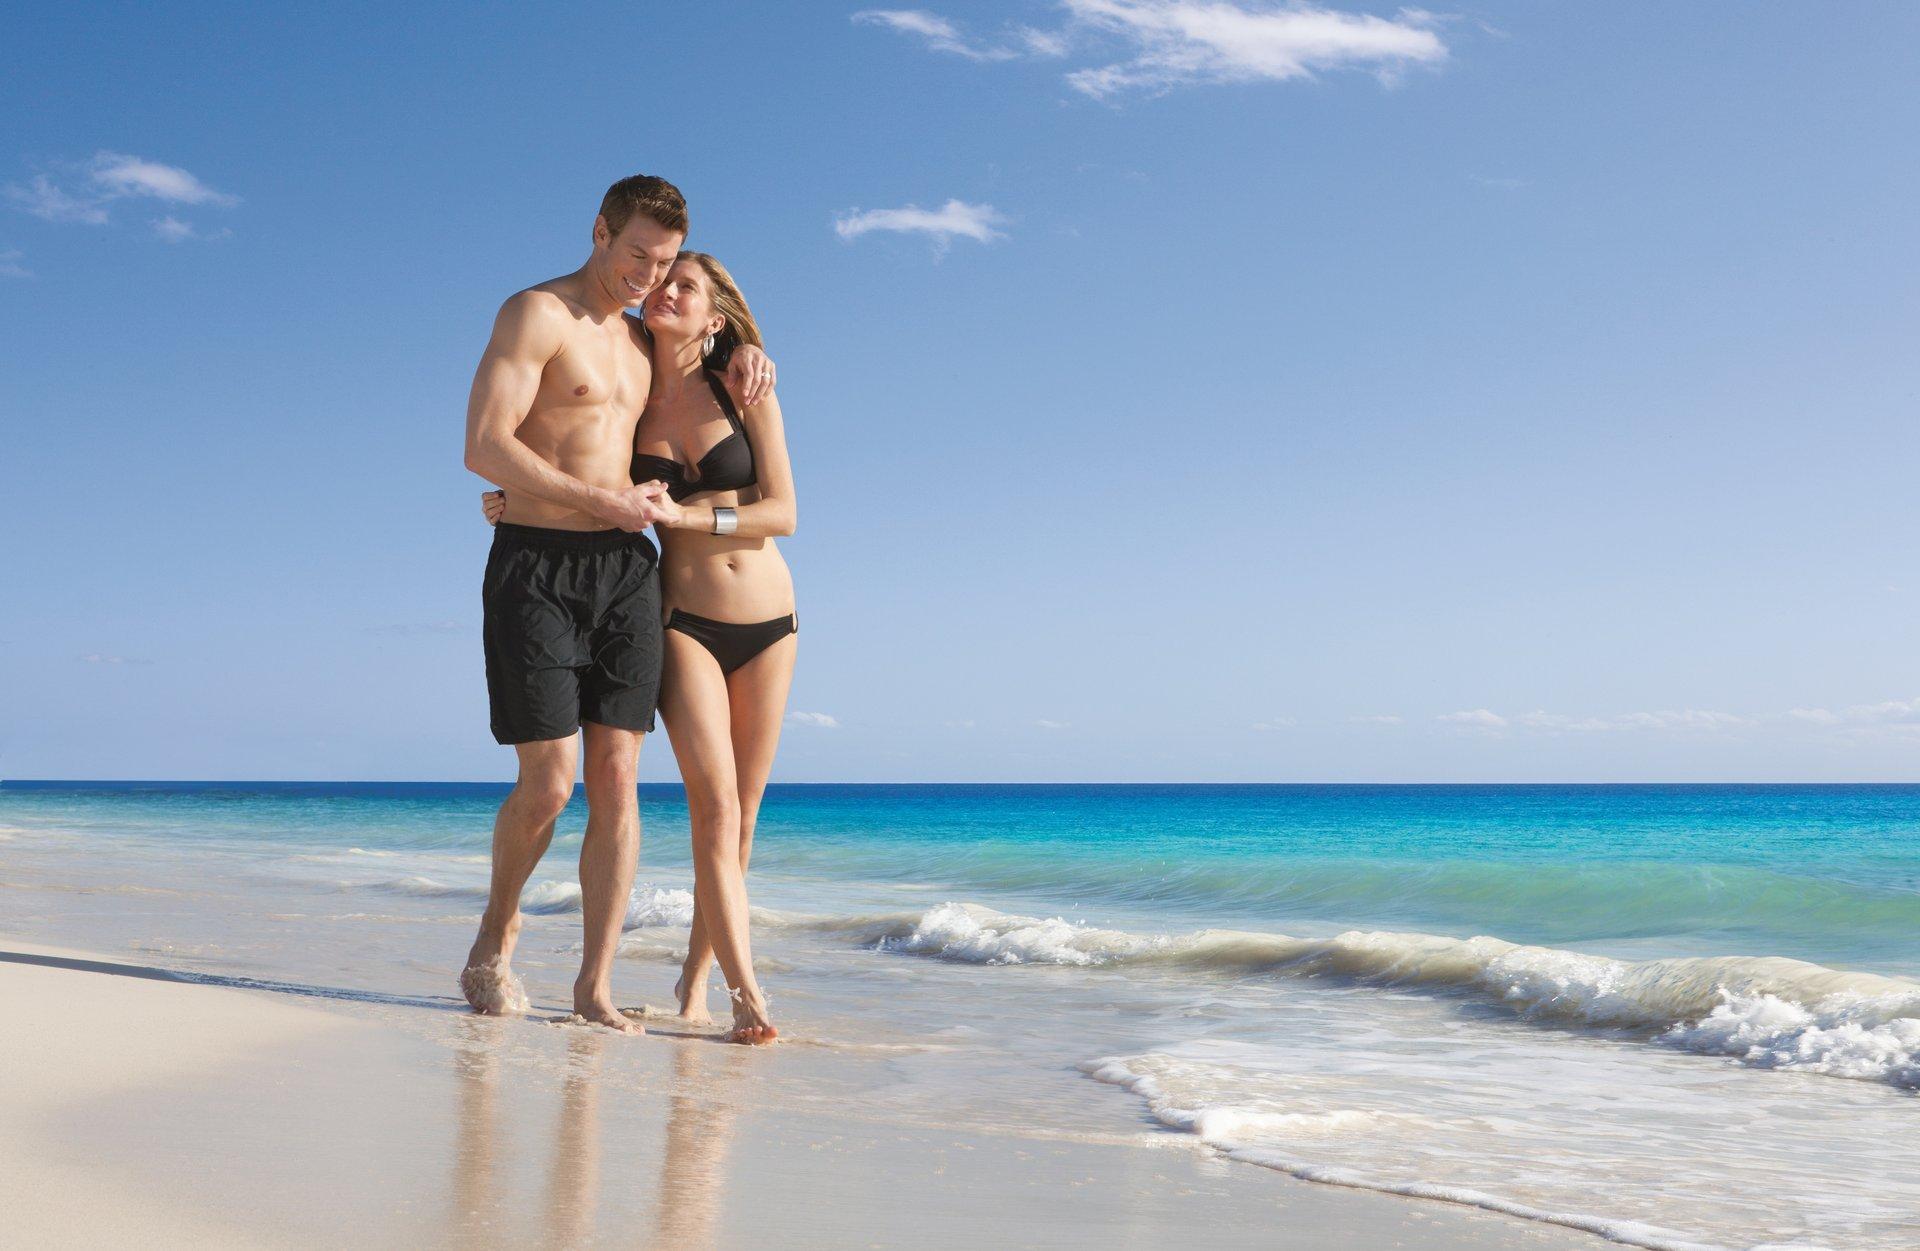 Двое мужчин и девушка на берегу океана